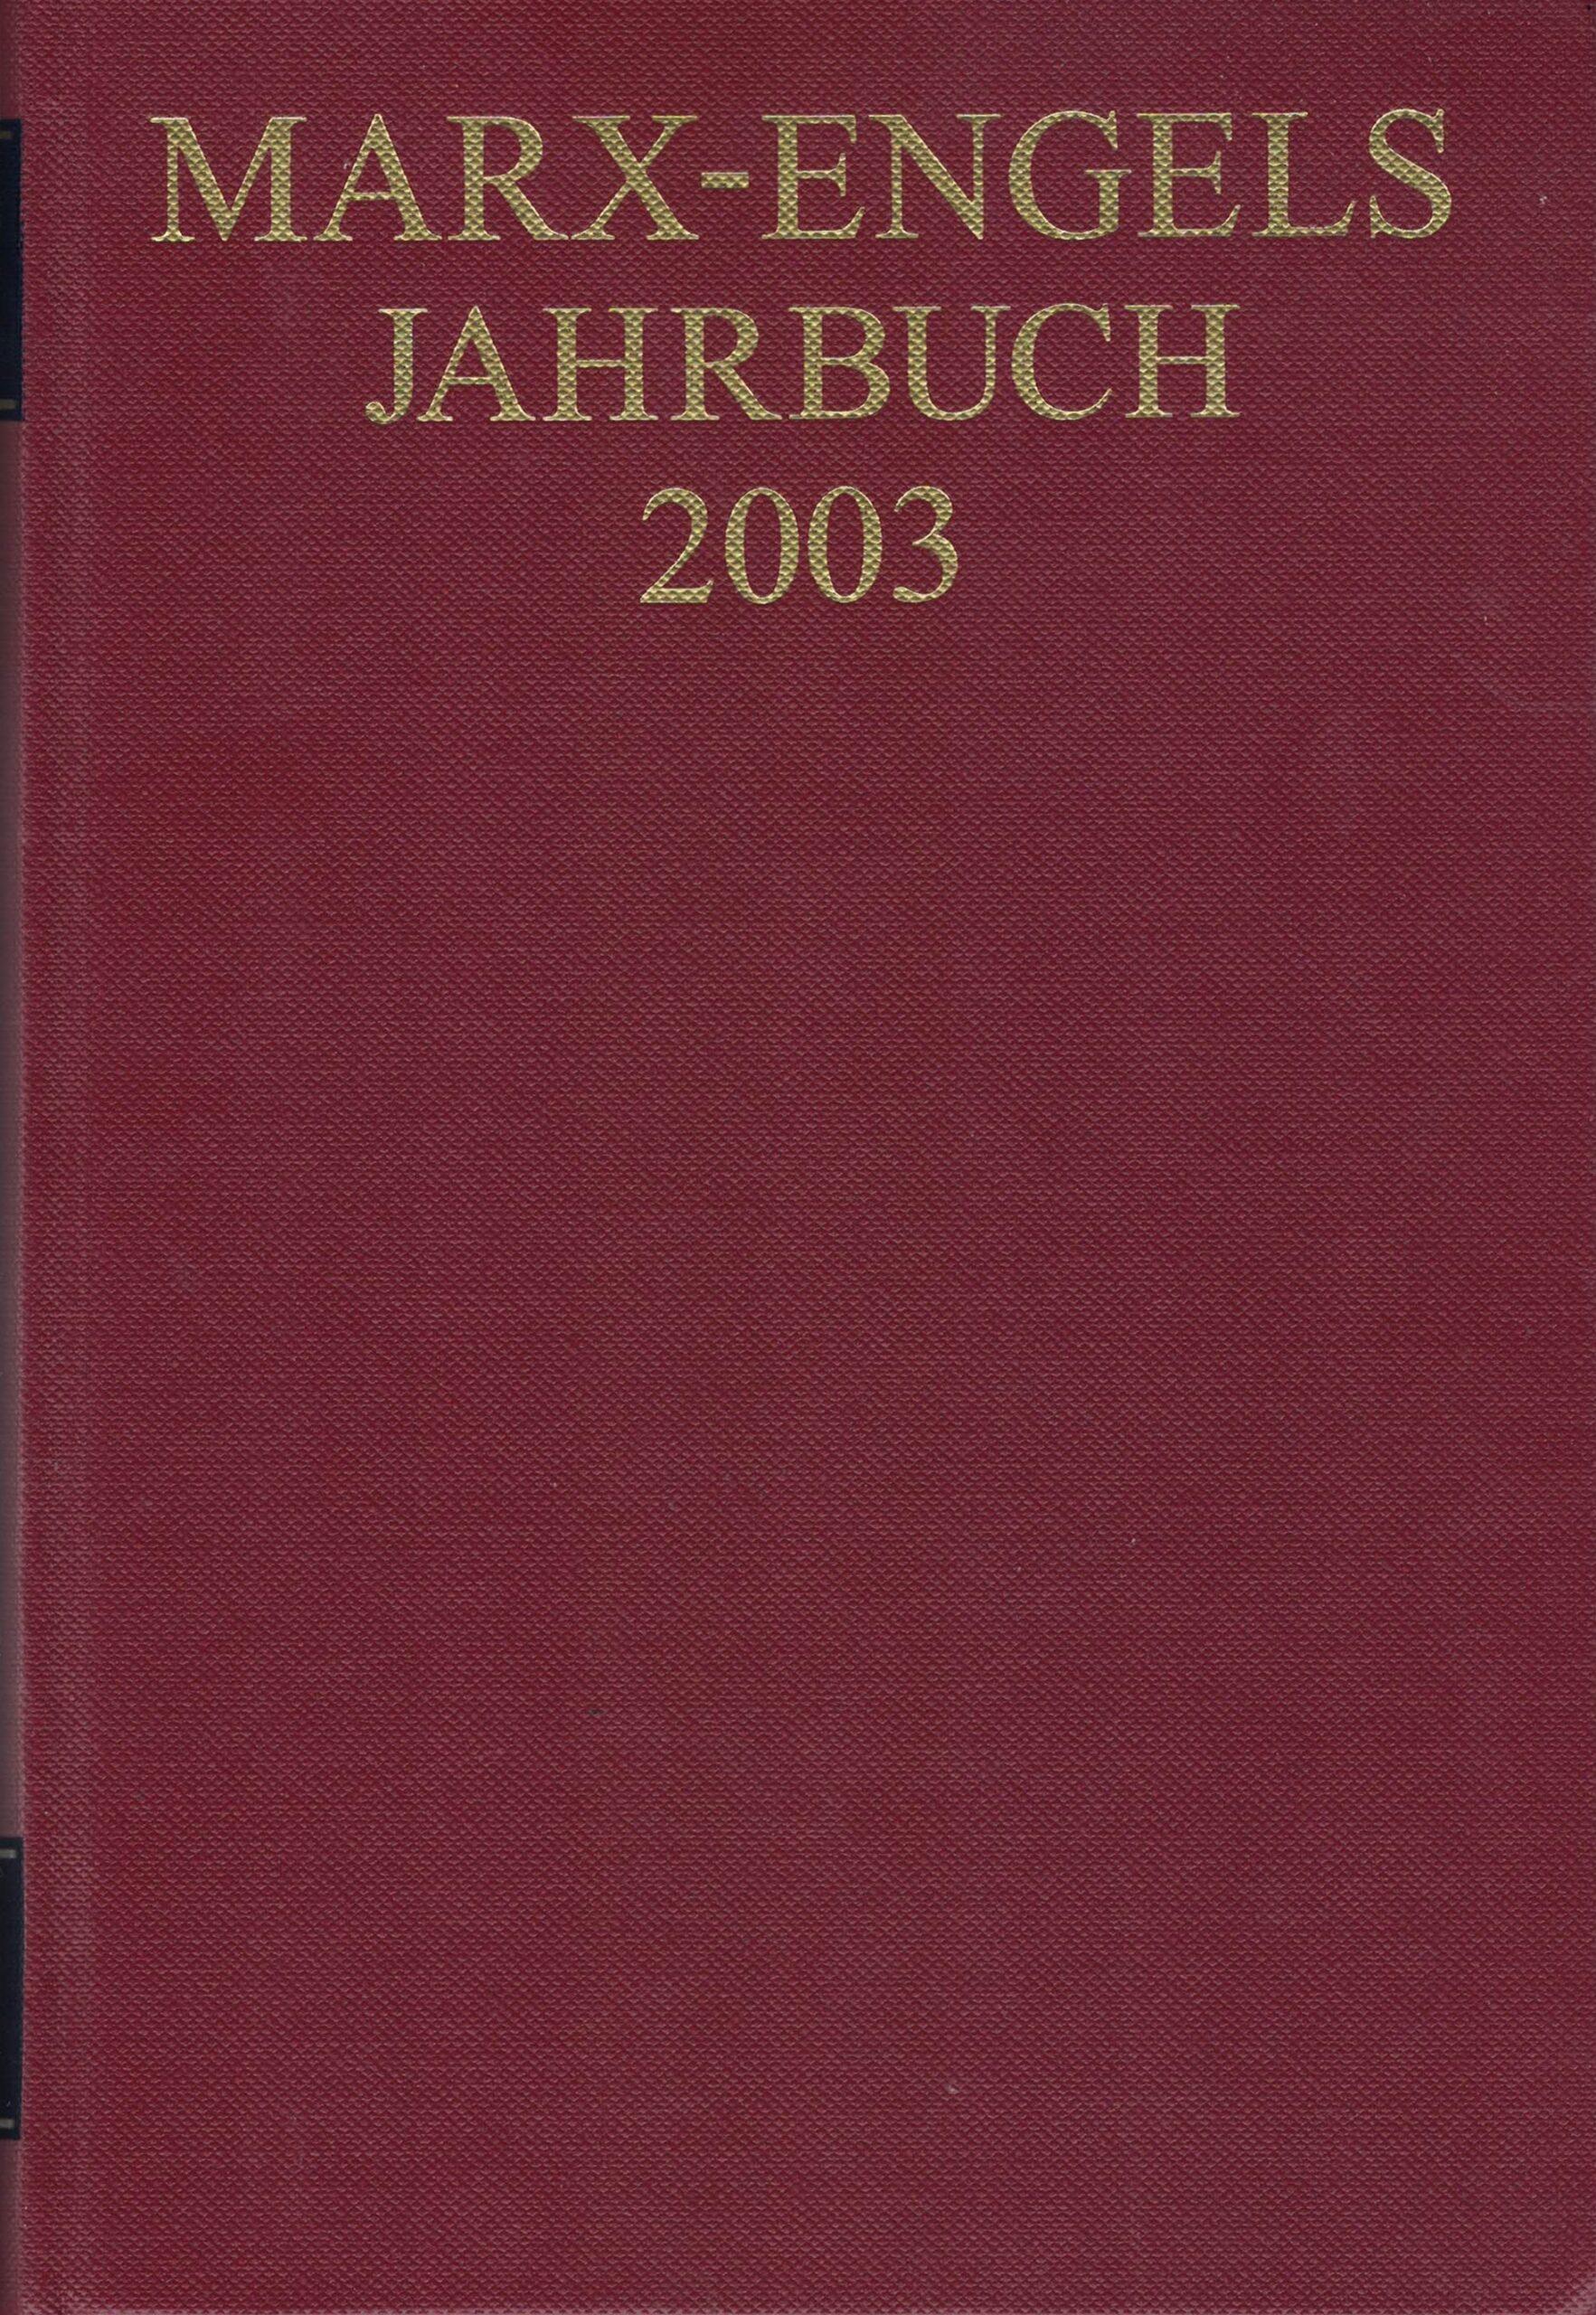 Marx-Engels-Jahrbuch 2003